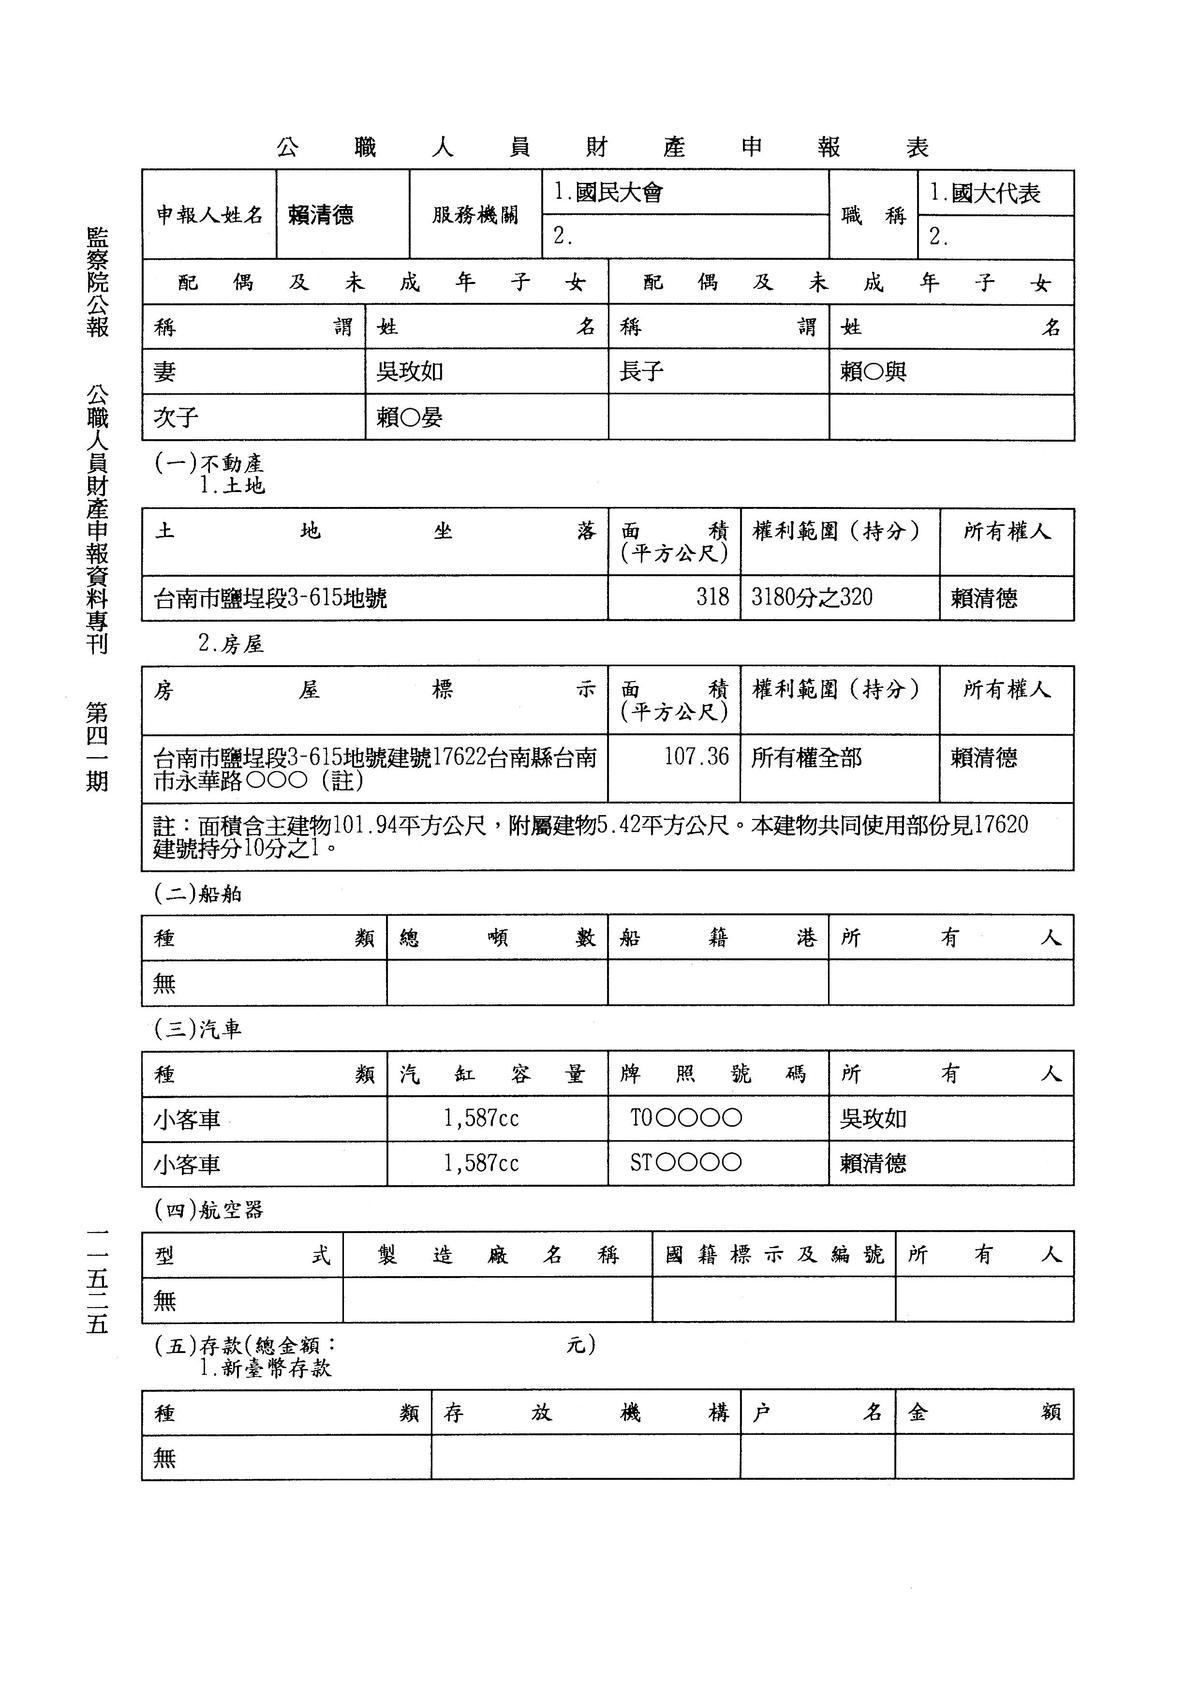 本刊彙整賴從政21年以來共18次向監察院申報財產資料。